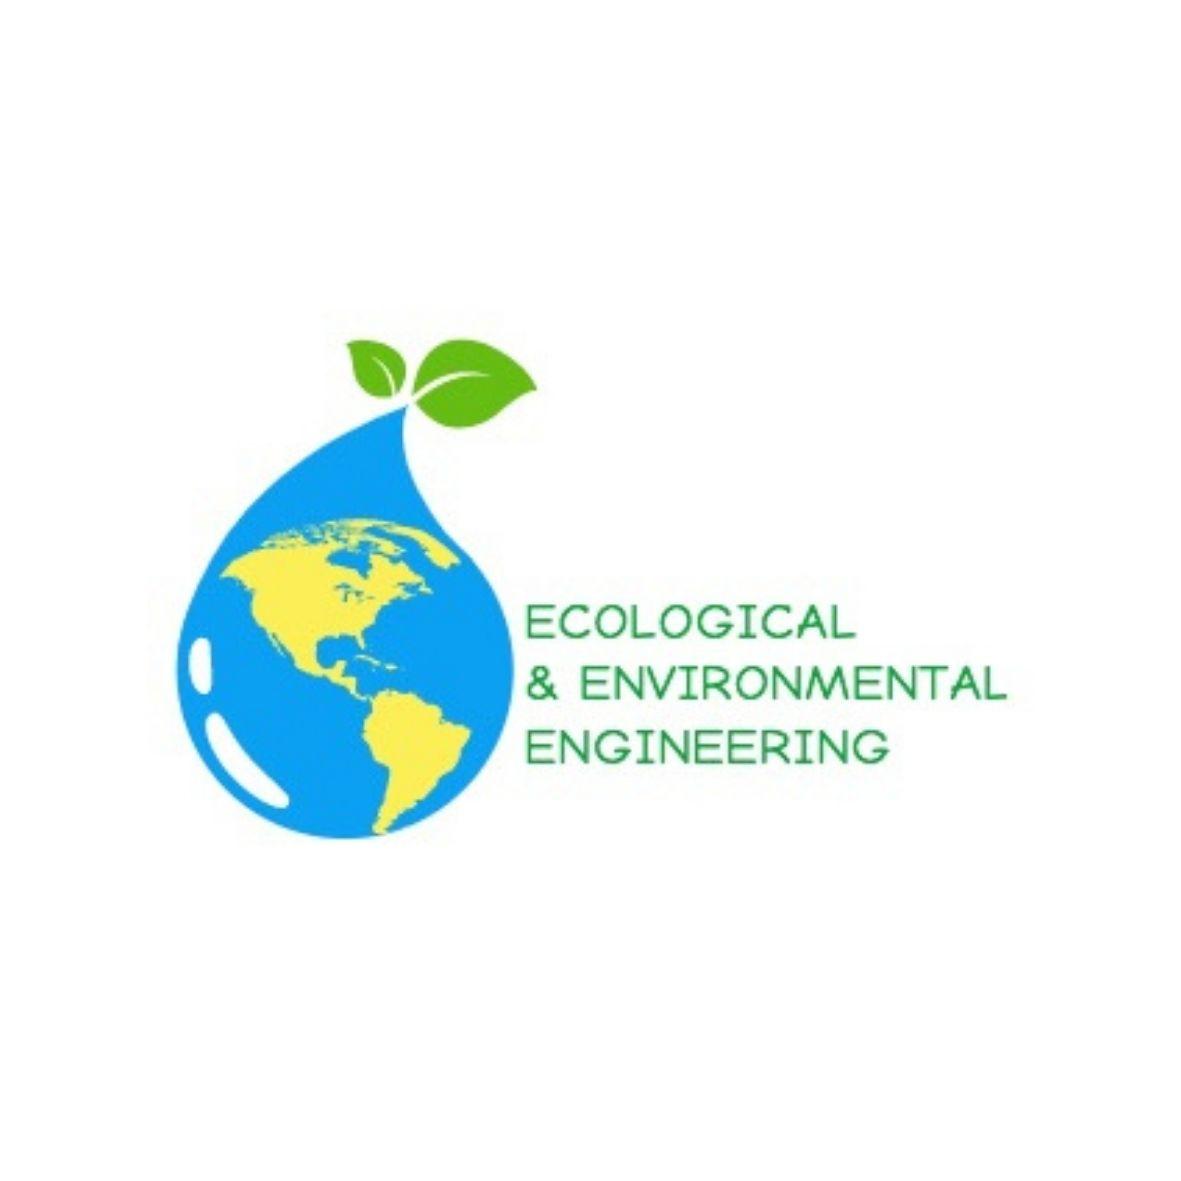 """Sprawozdanie z przebiegu II Międzynarodowej Konferencji Naukowej  pt. """"Ecological and Environmental Engineering"""""""